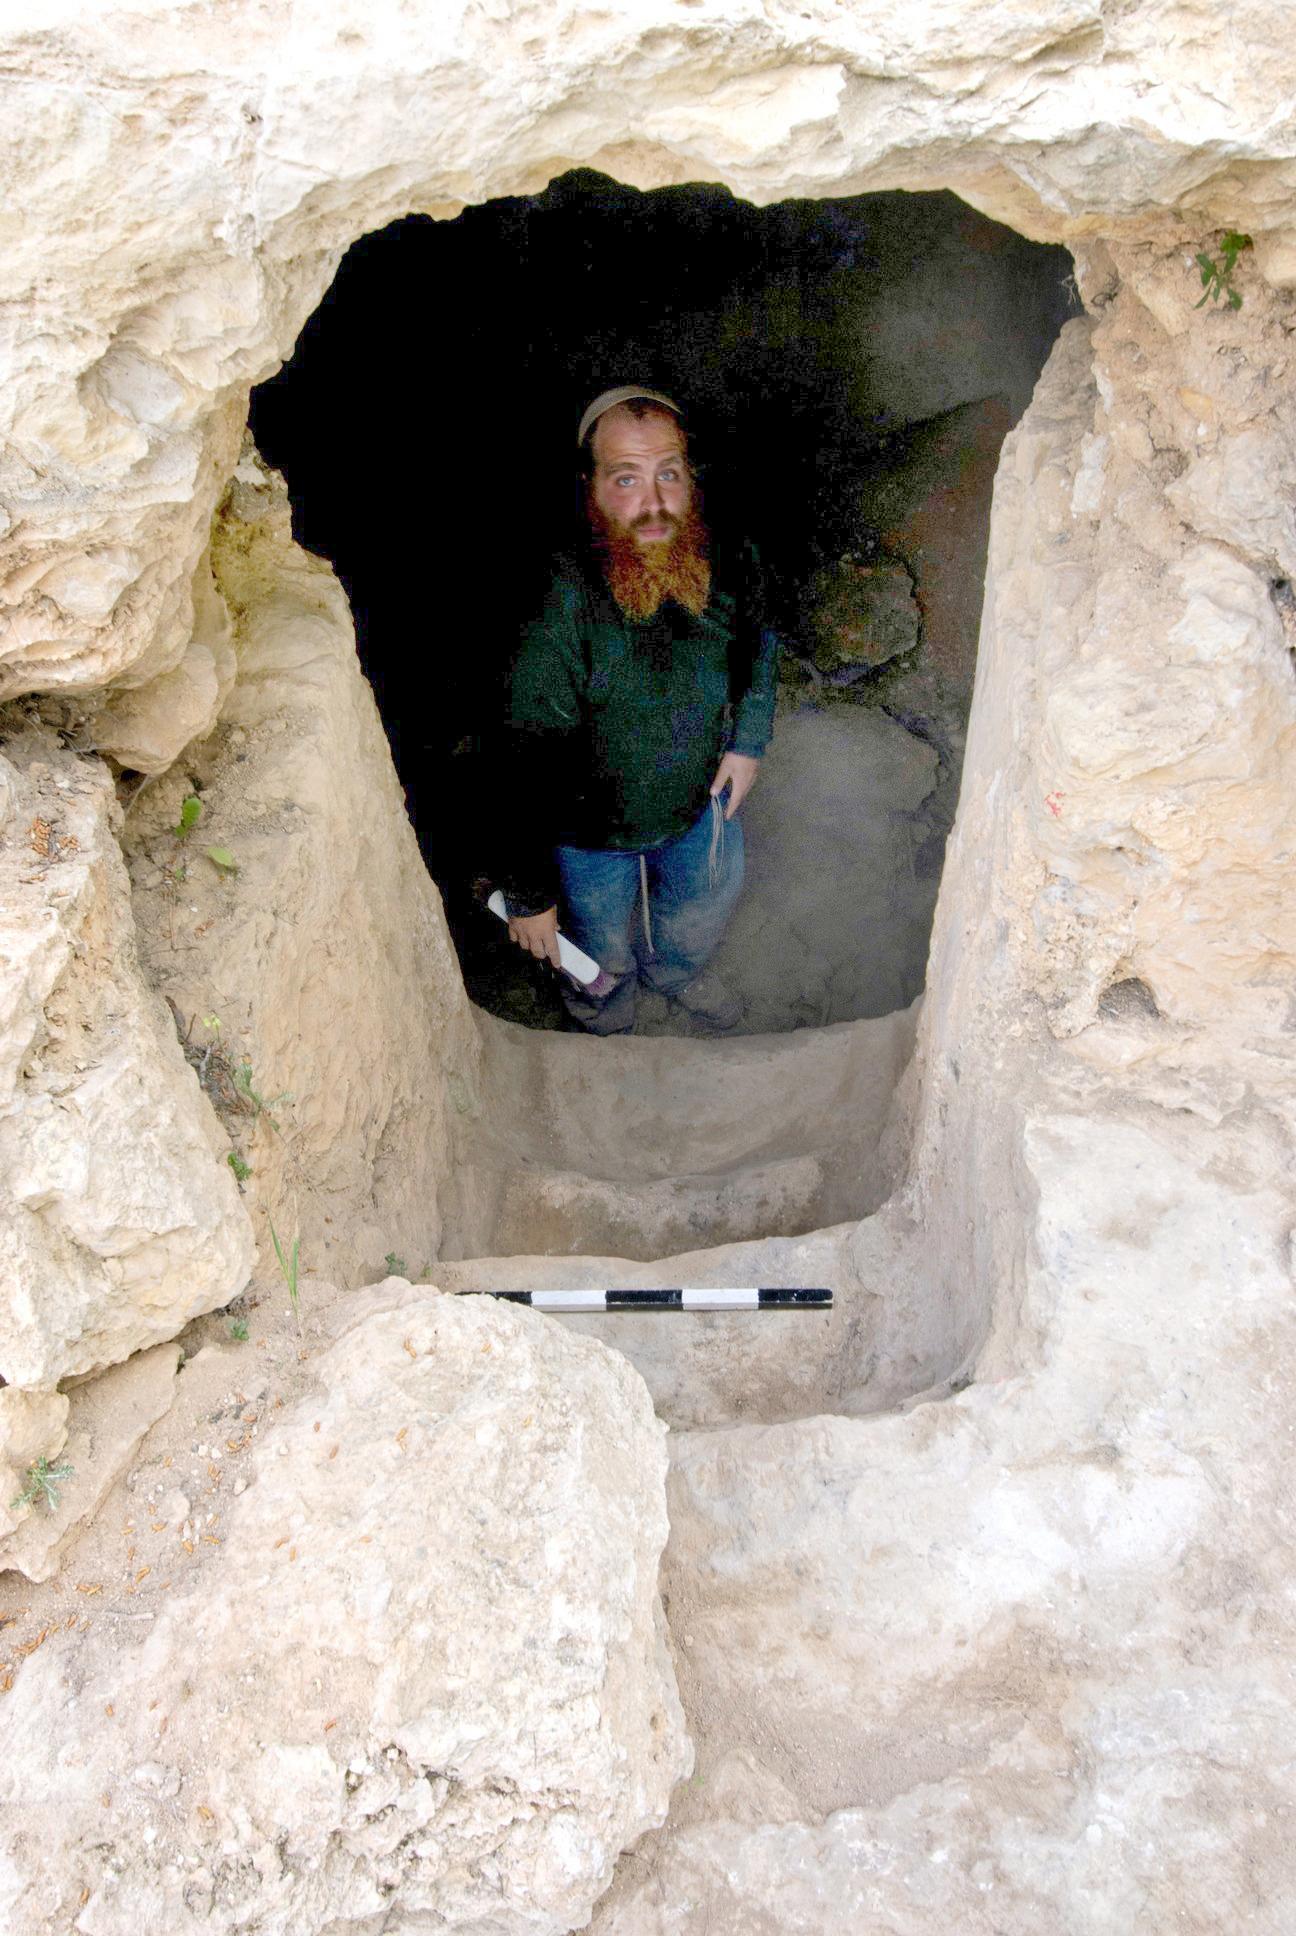 הארכיאולוג בנימין סטורצ'ן עומד במורד מדרגות המקווה - צילום: אסף פרץ, באדיבות רשות העתיקות